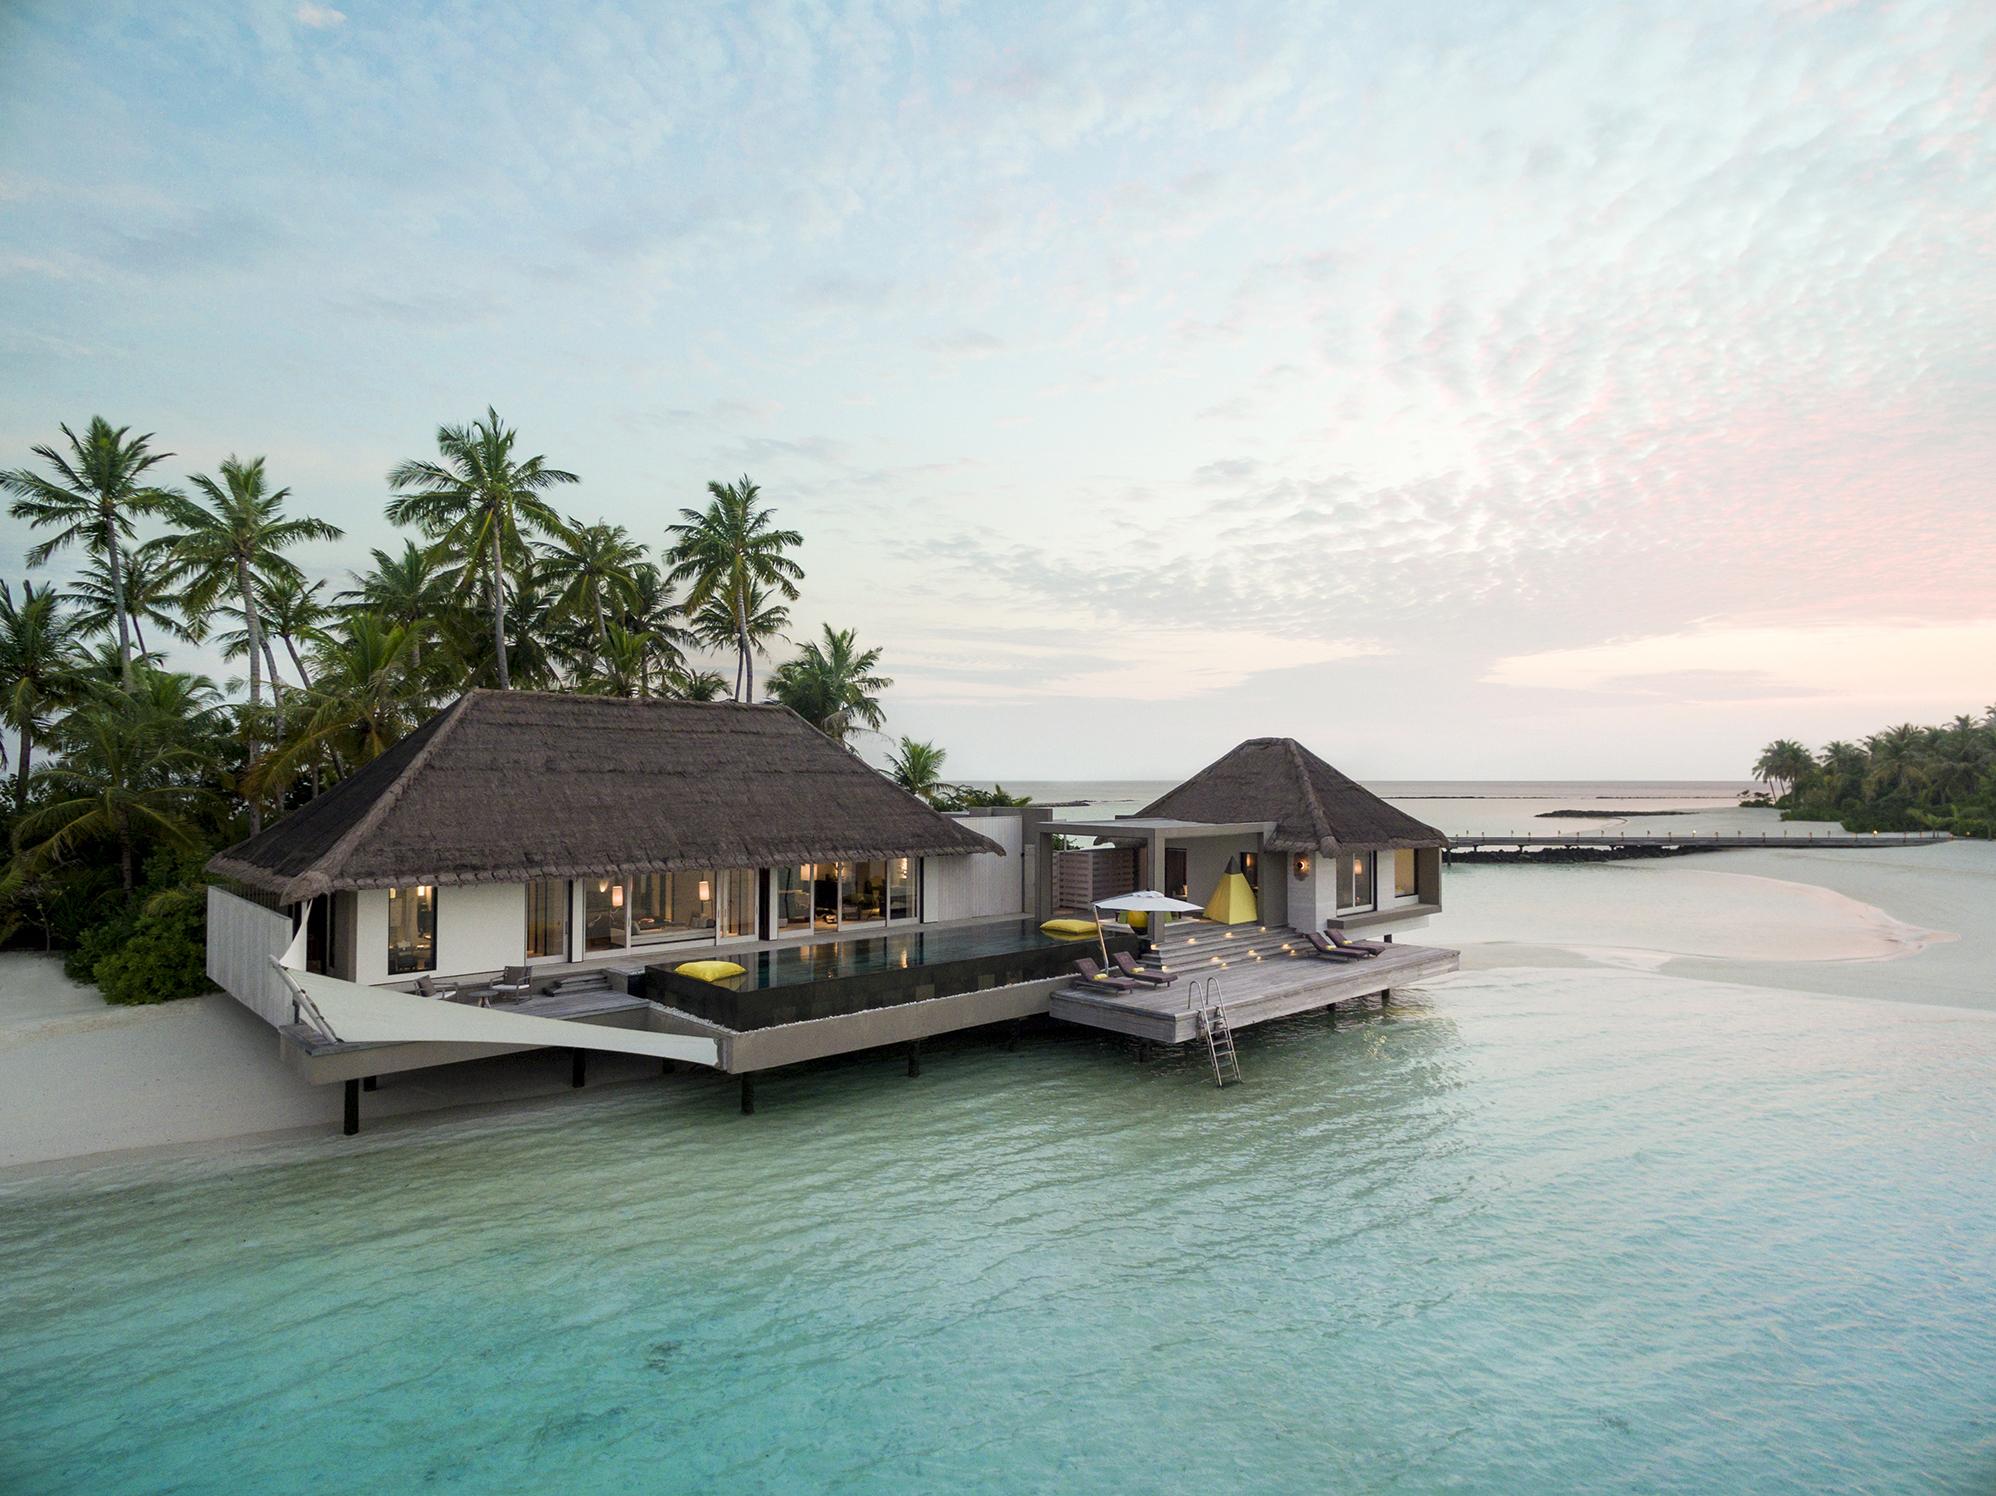 20171205052714_2-3-lagoon-garden-villas-cheval-blanc-randheli-dji-0042-f-nannini.jpg